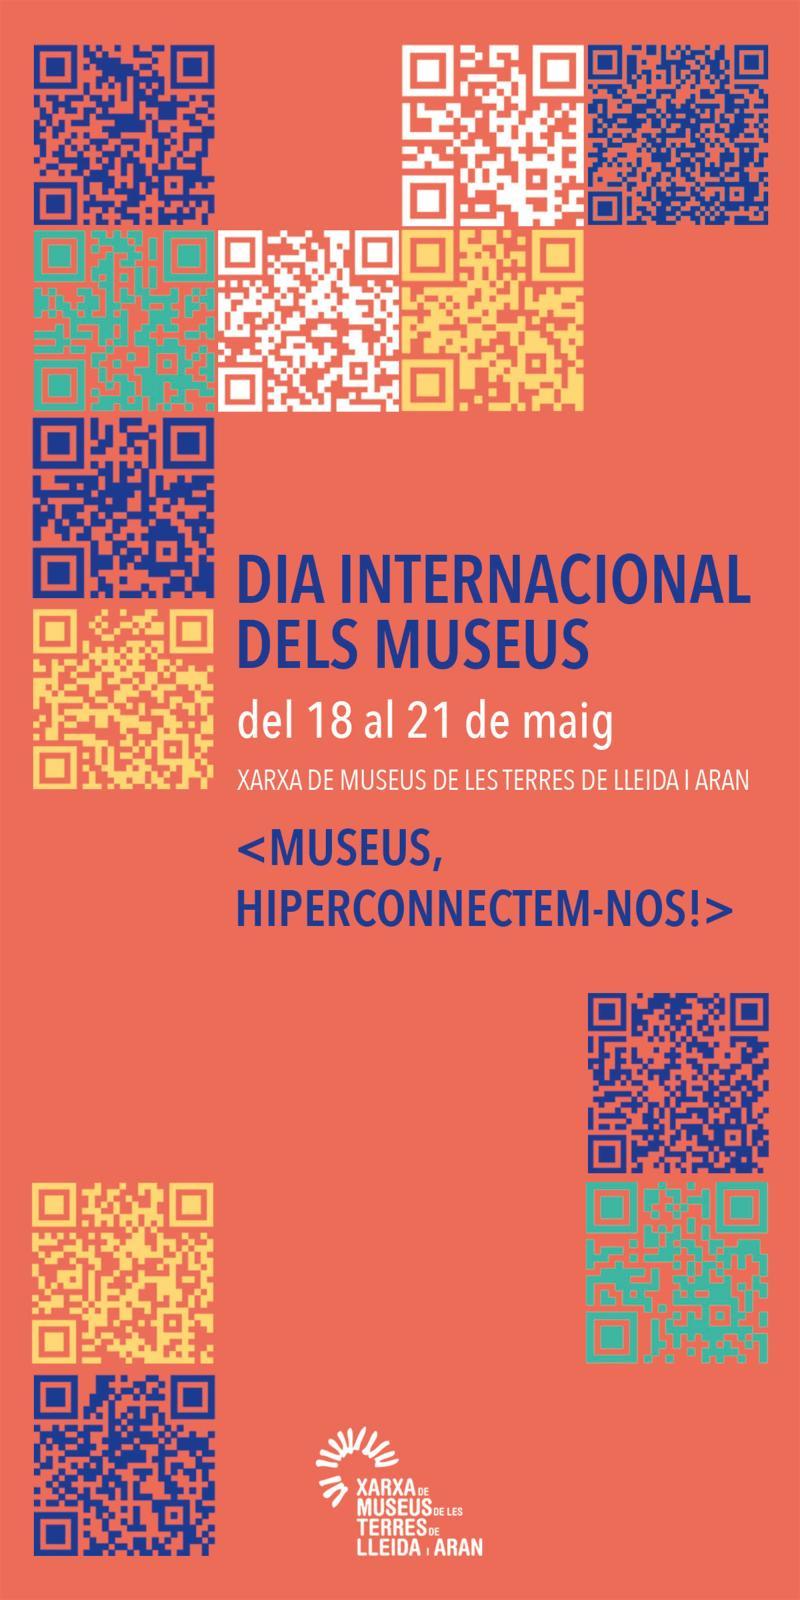 Dia Internacional dels Museus 2018